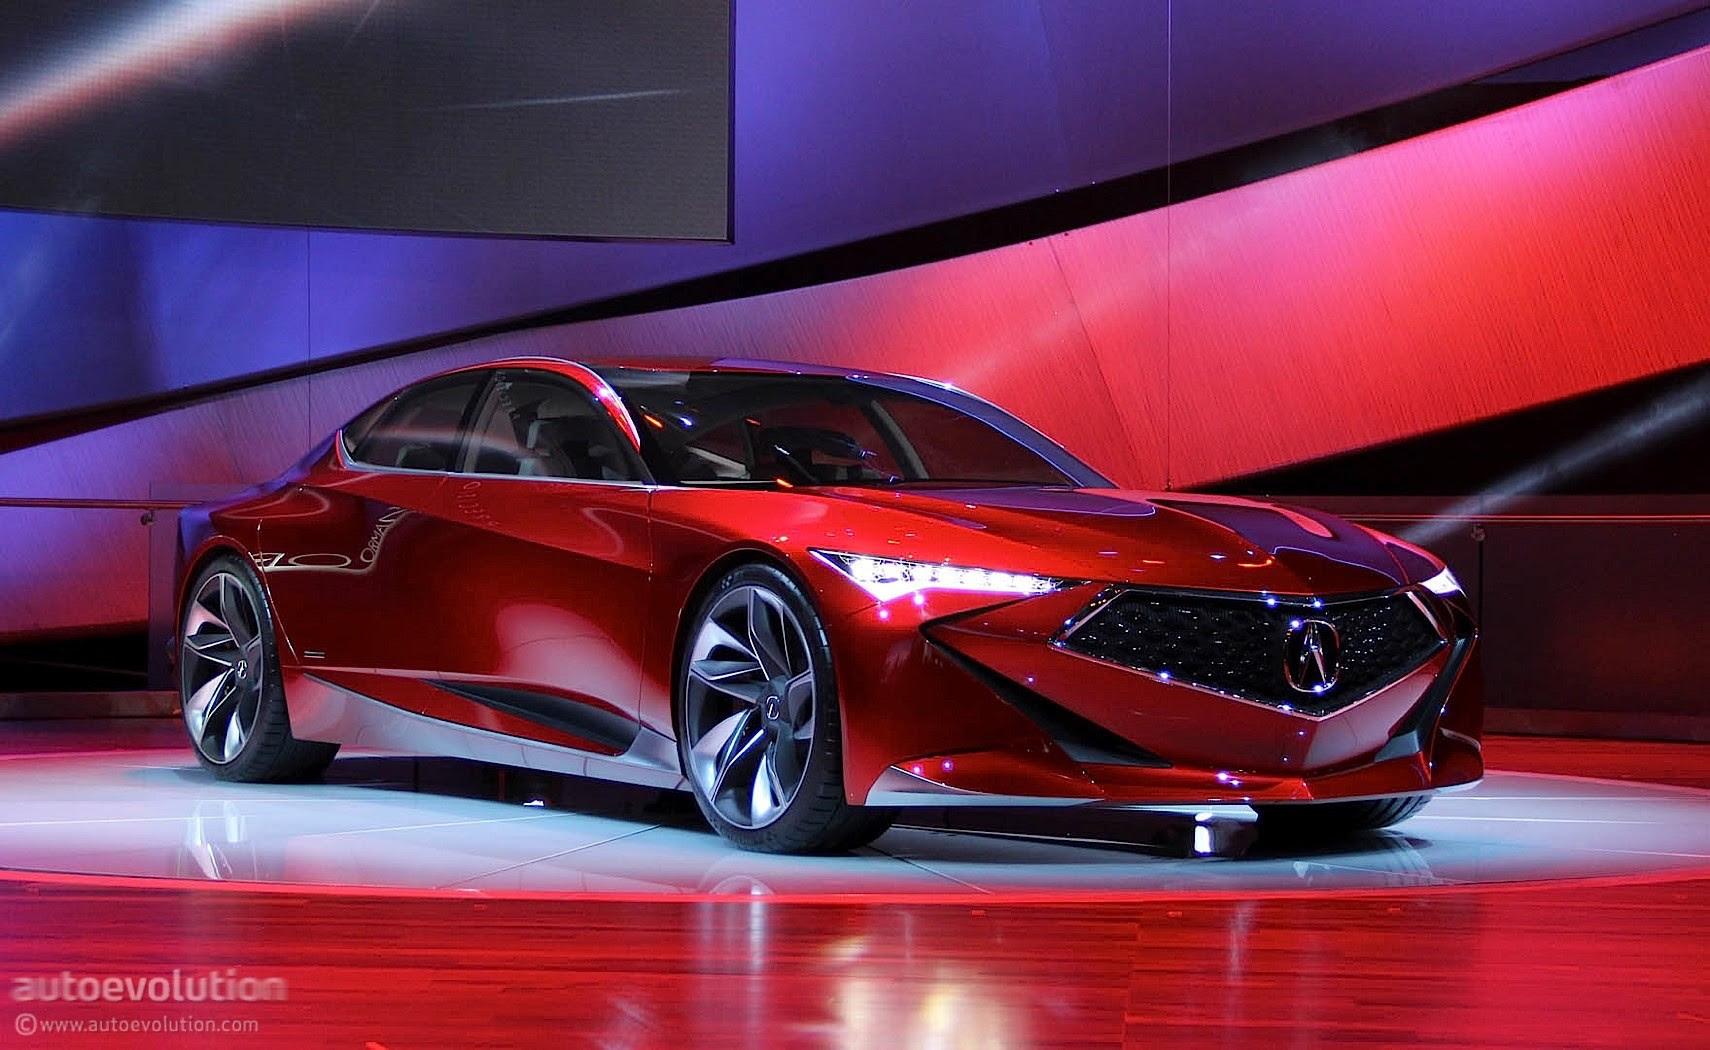 ... 2015 Detroit Auto Show Size 1024 | 2017 - 2018 Best Cars Reviews